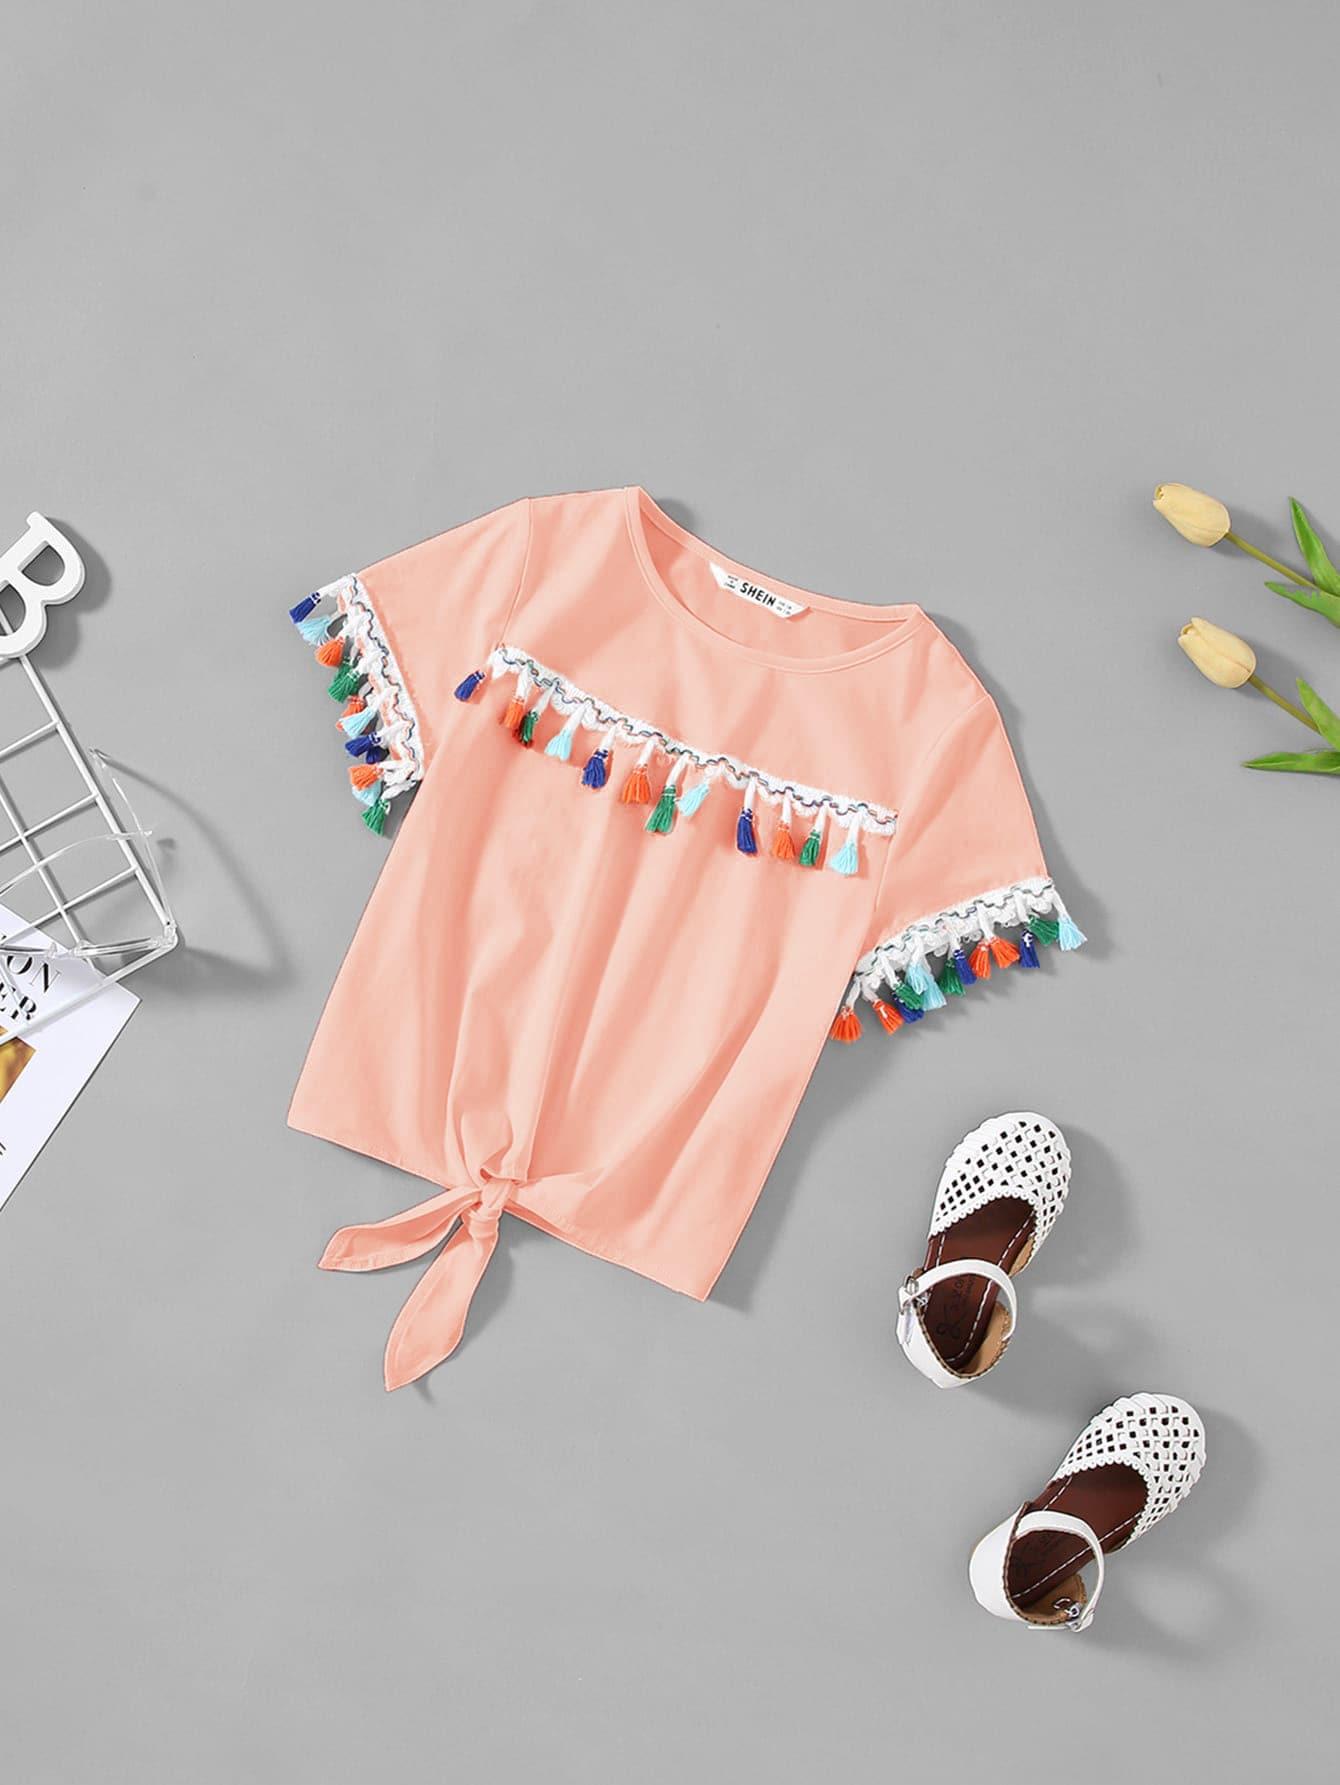 Купить Для девочек футболка с кисточками с бантом, null, SheIn